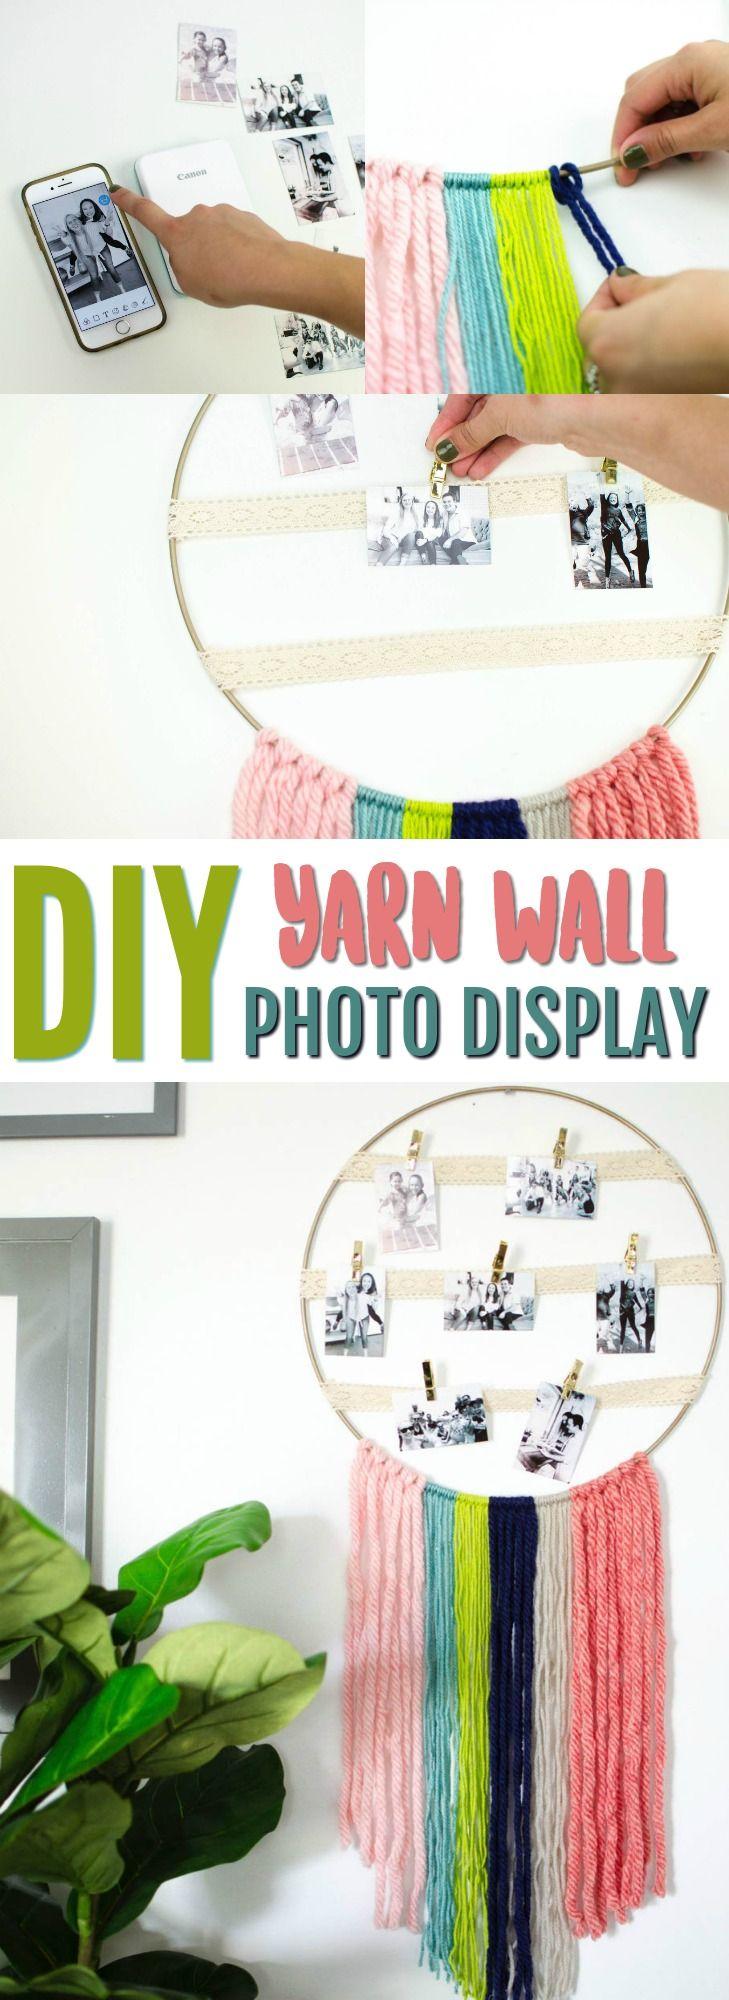 DIY Yarn Wall Hanging Photo Display images